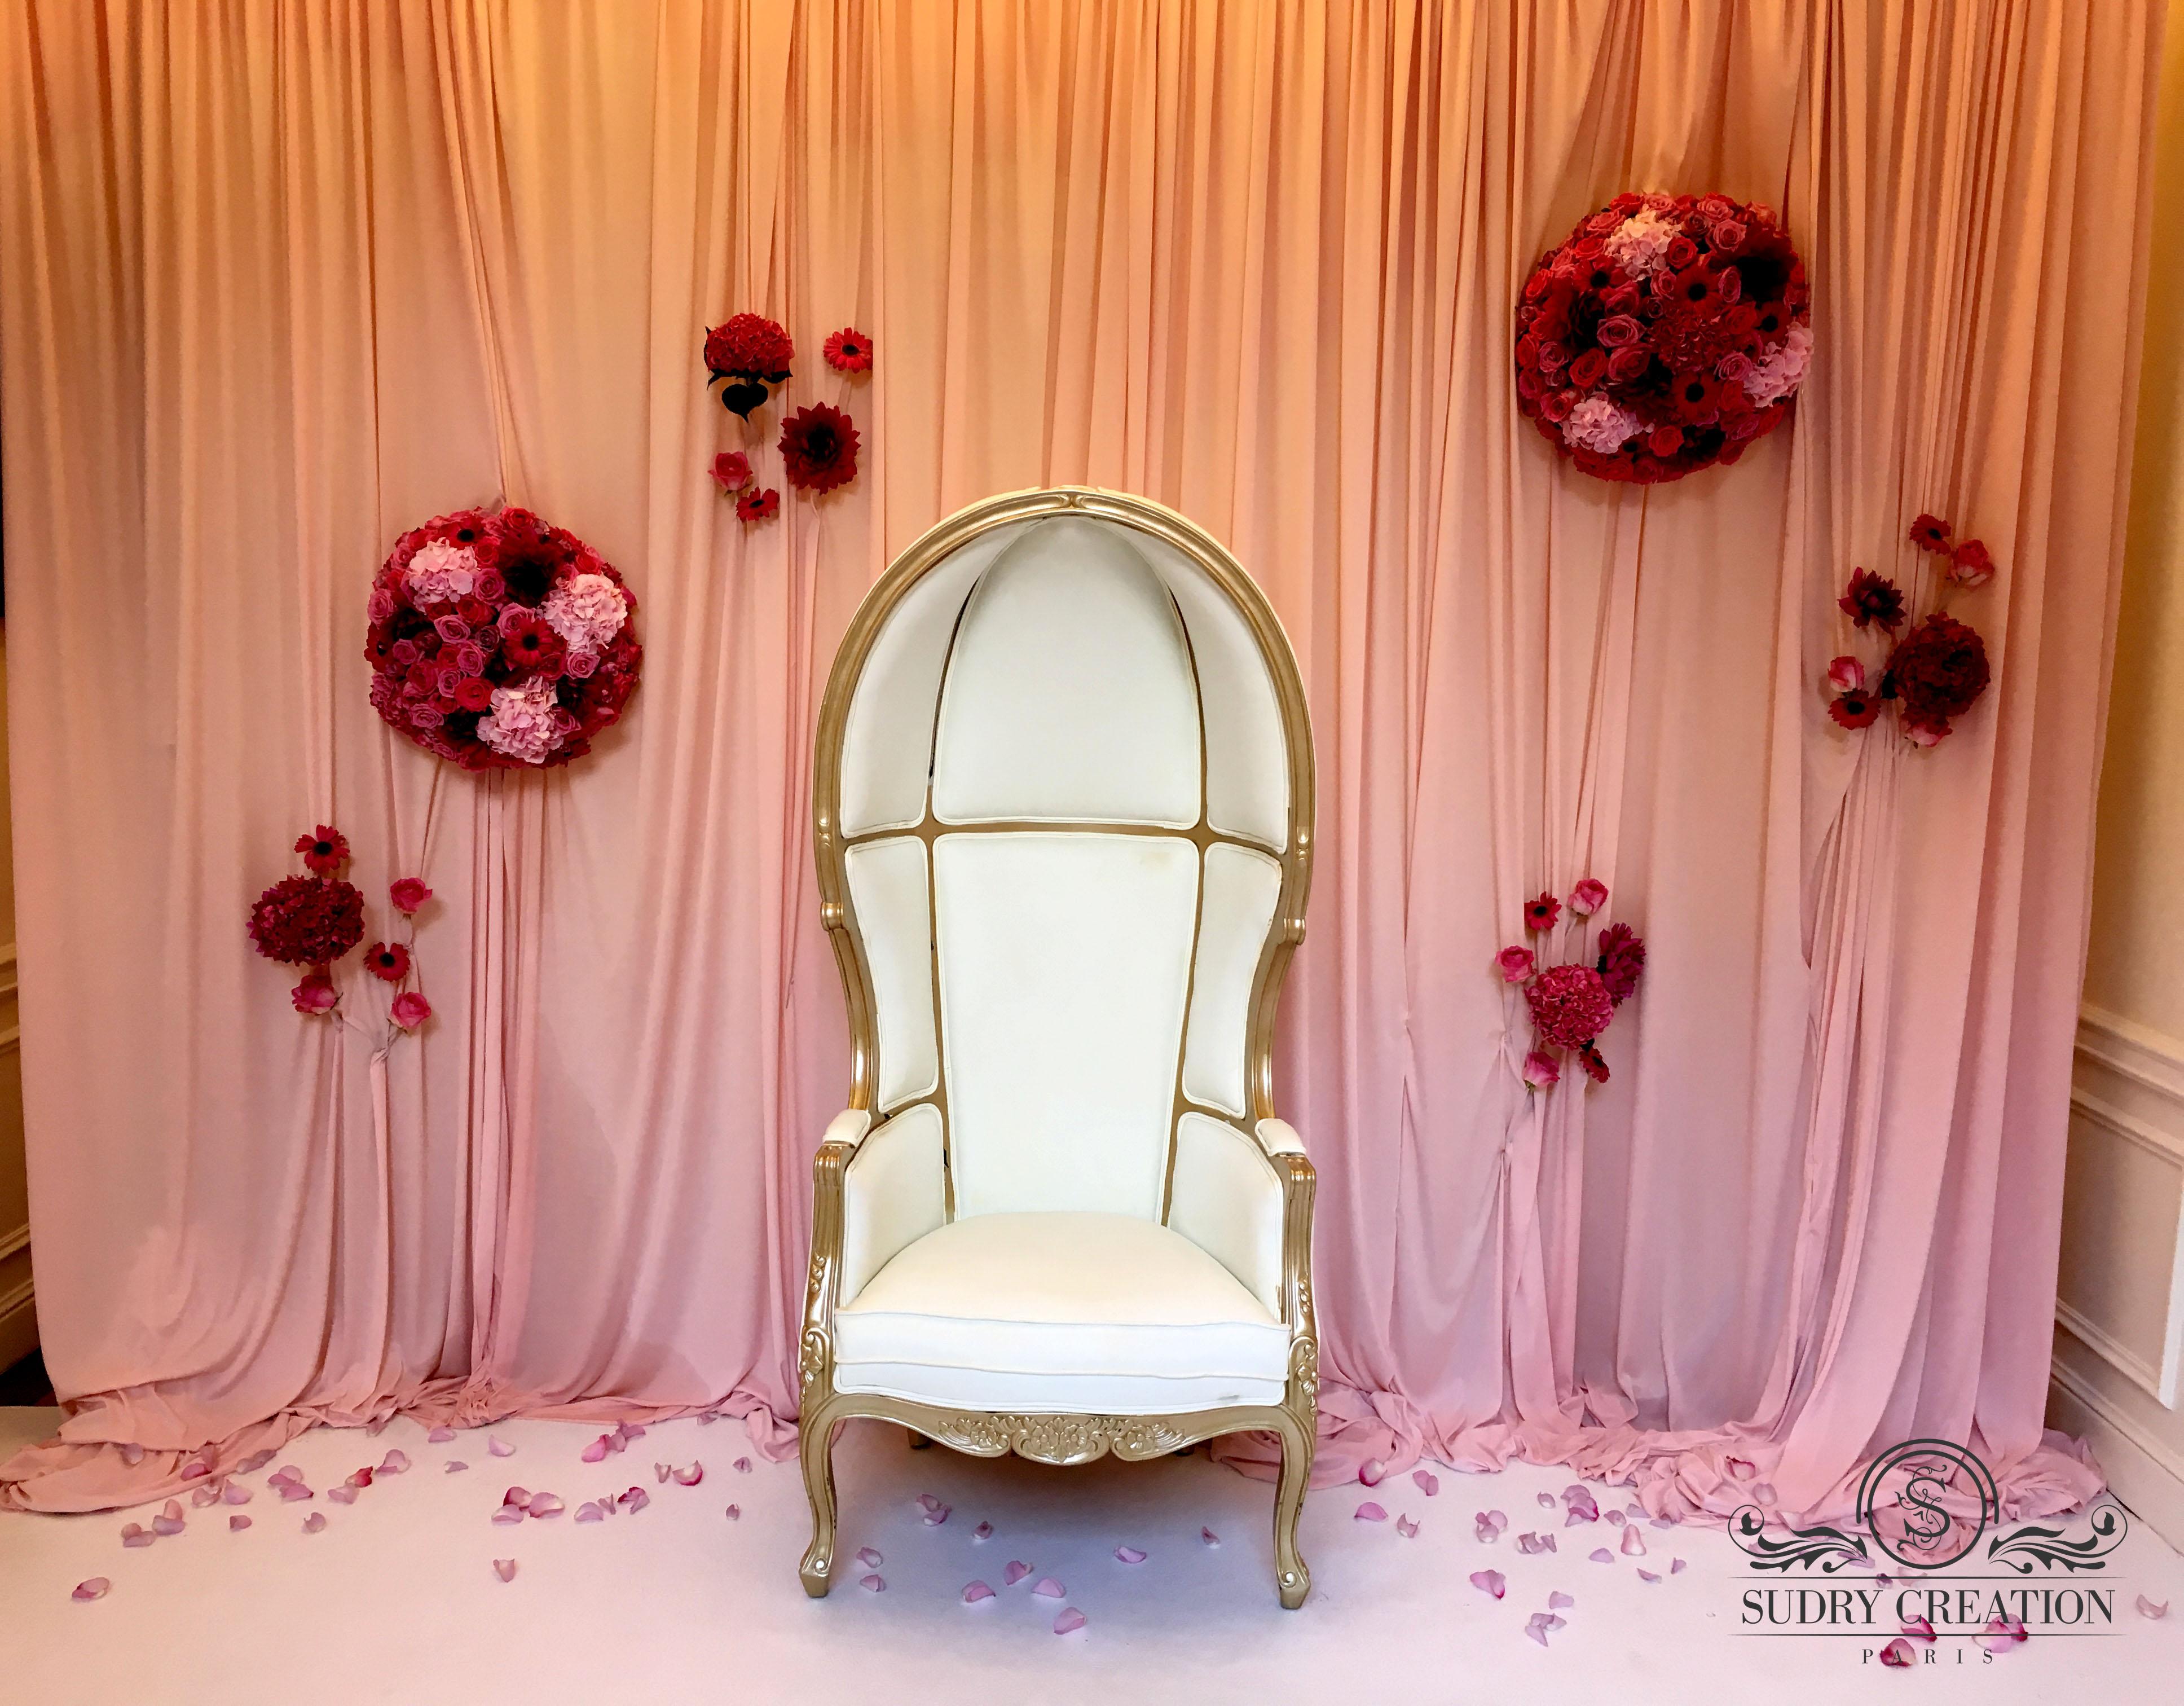 sudry creation: décoration événementiel, mariage et entreprises